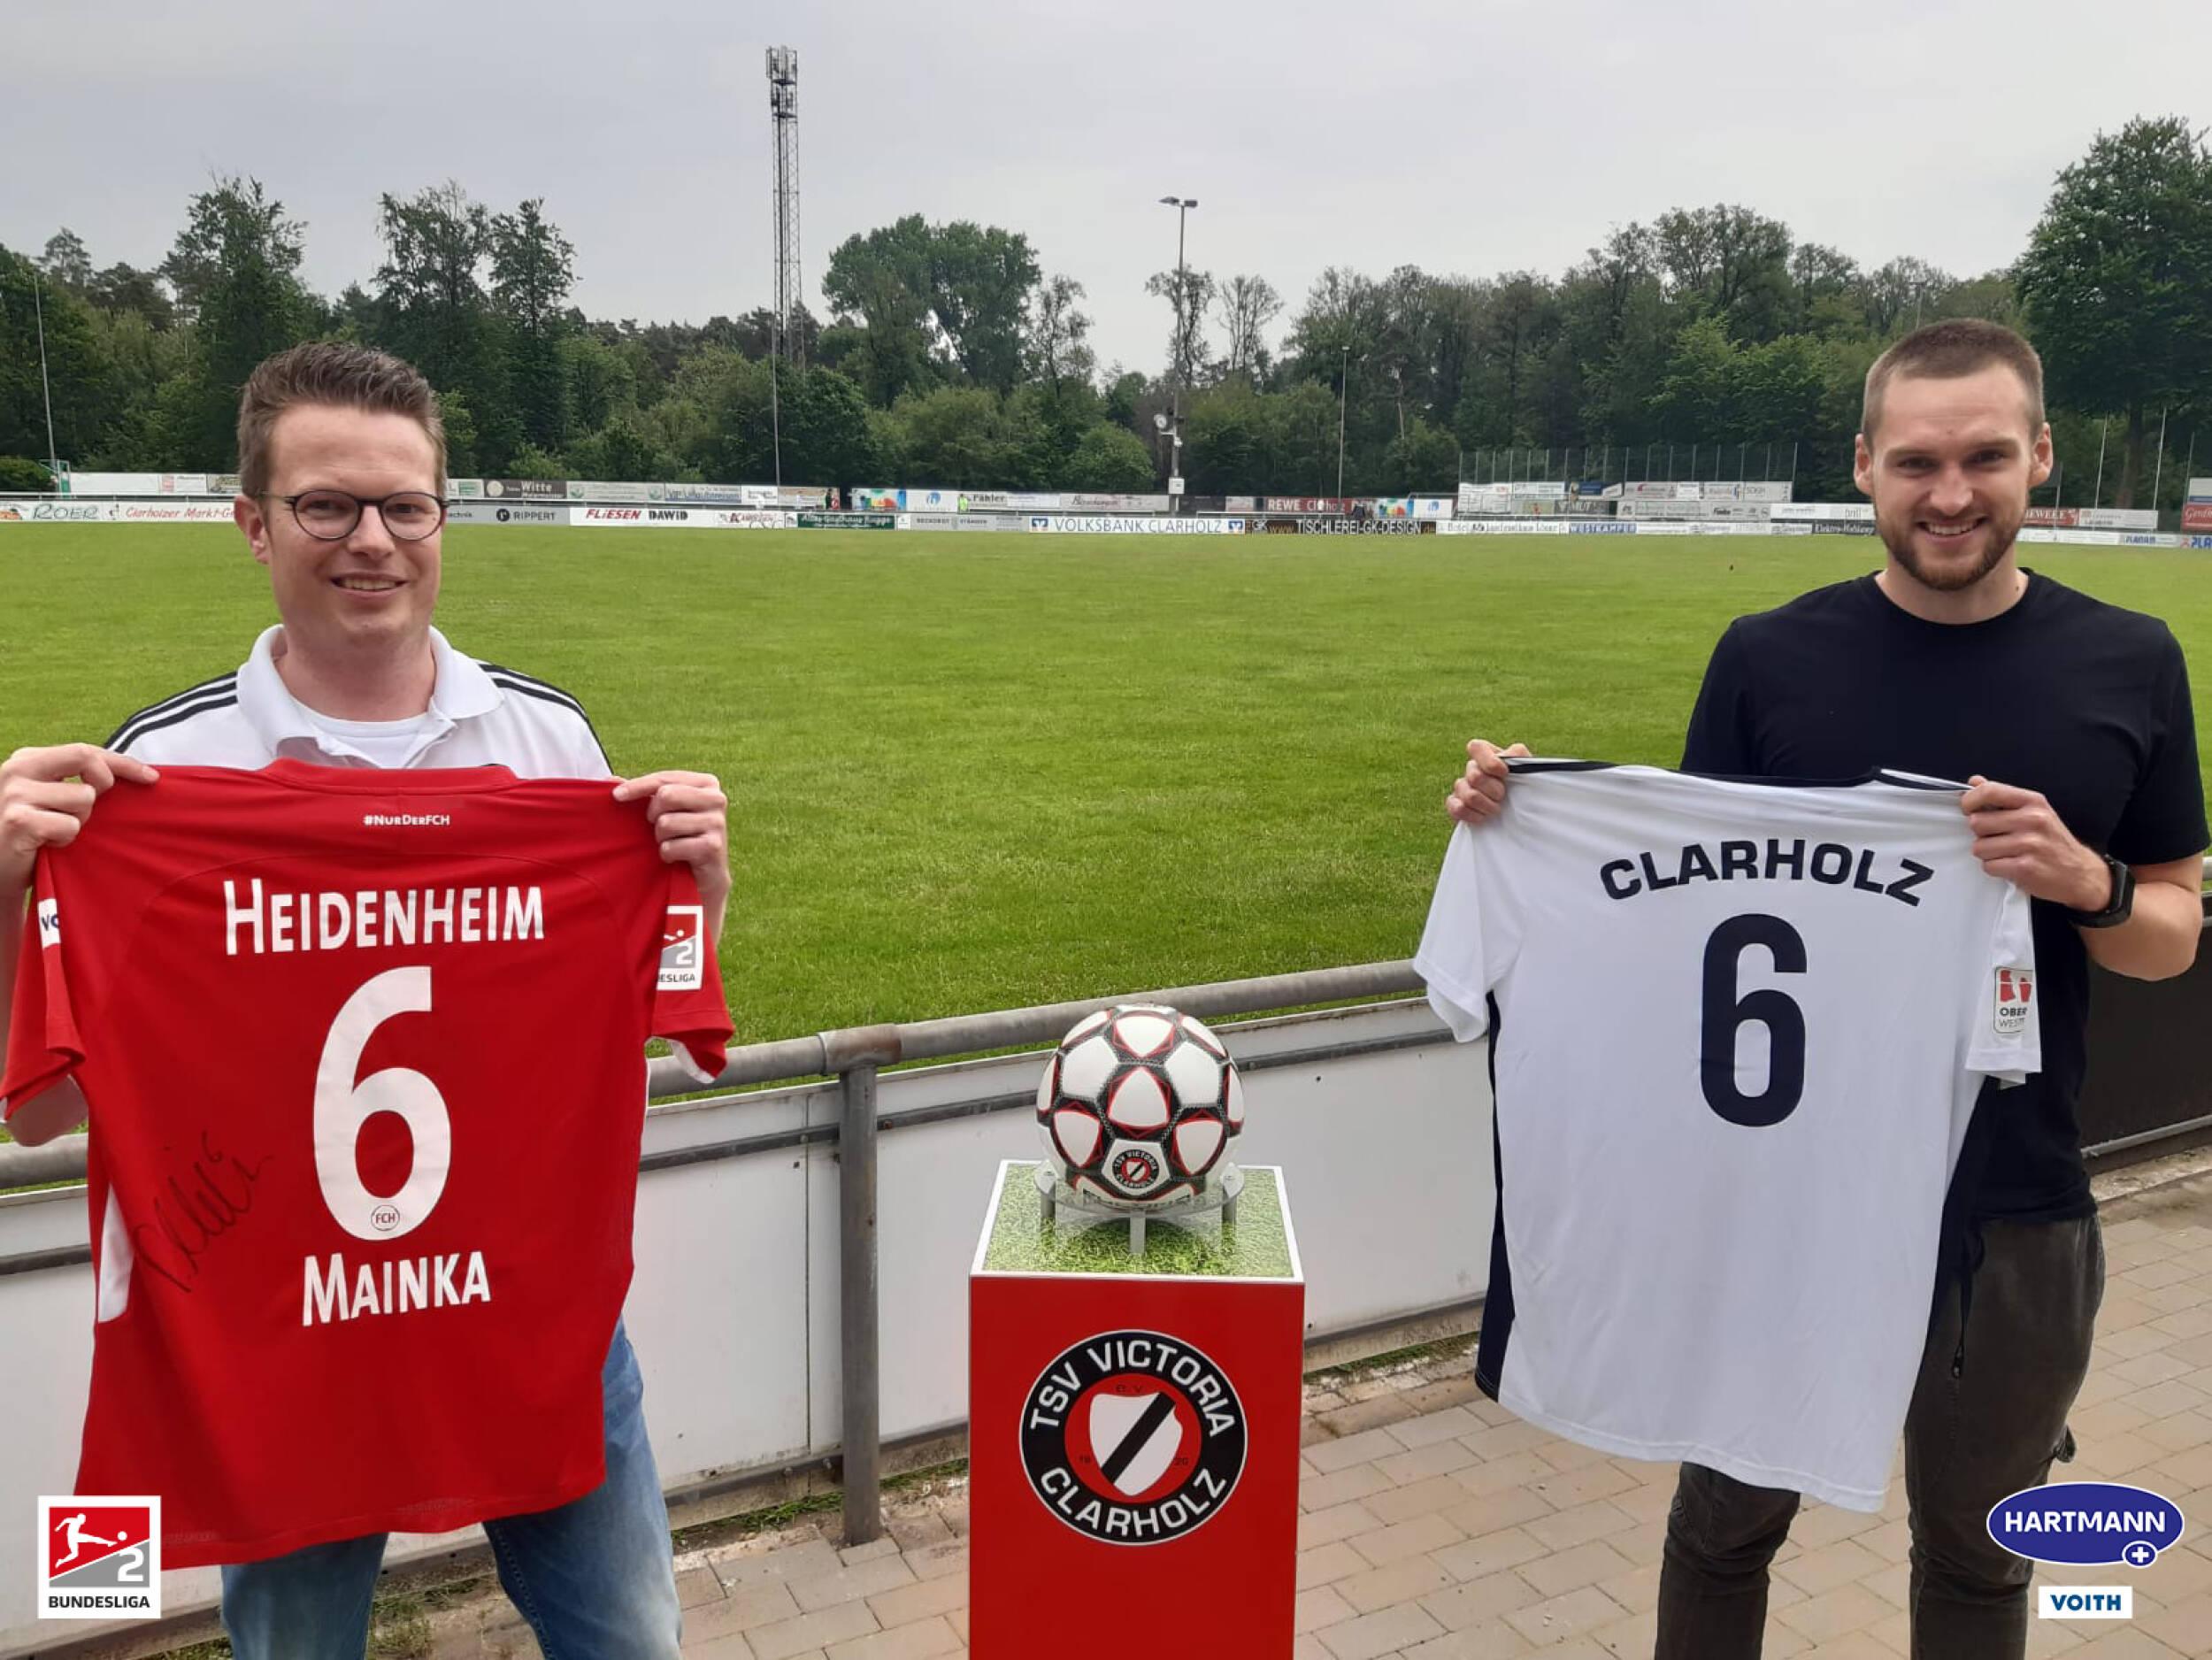 Fußball<br>Patrick Mainka zu Besuch